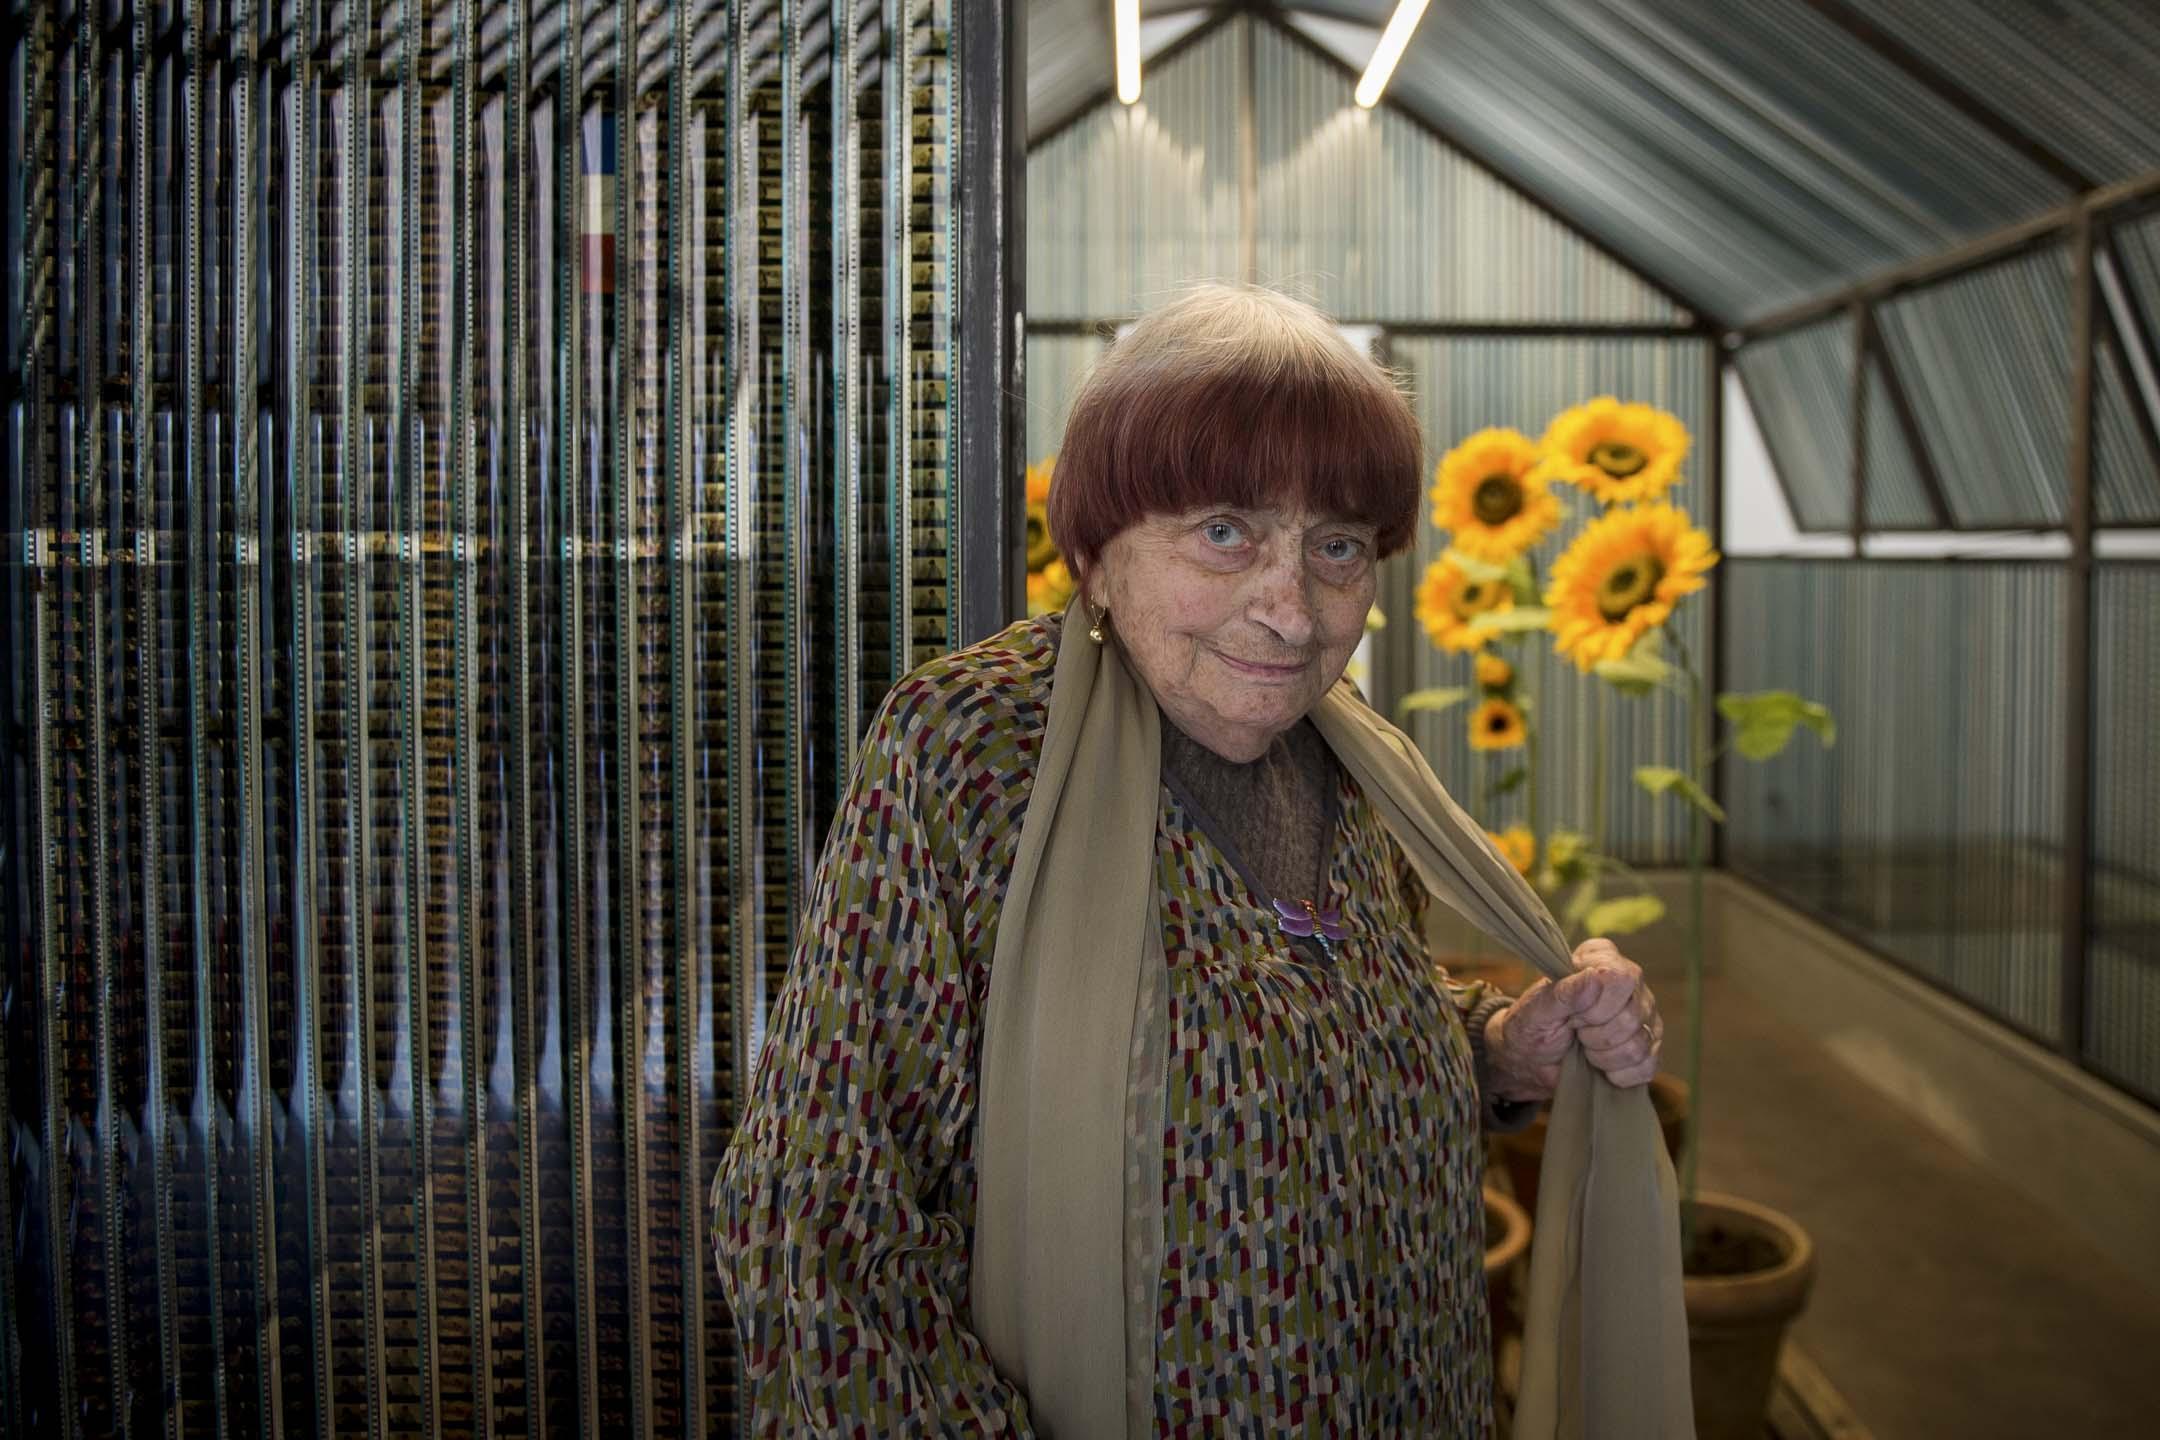 2019年3月29日,被譽為「法國新浪潮之母」的導演Agnès Varda在巴黎去世,享年 90 歲。 攝:Guillaume Souvant/AFP/Getty Images